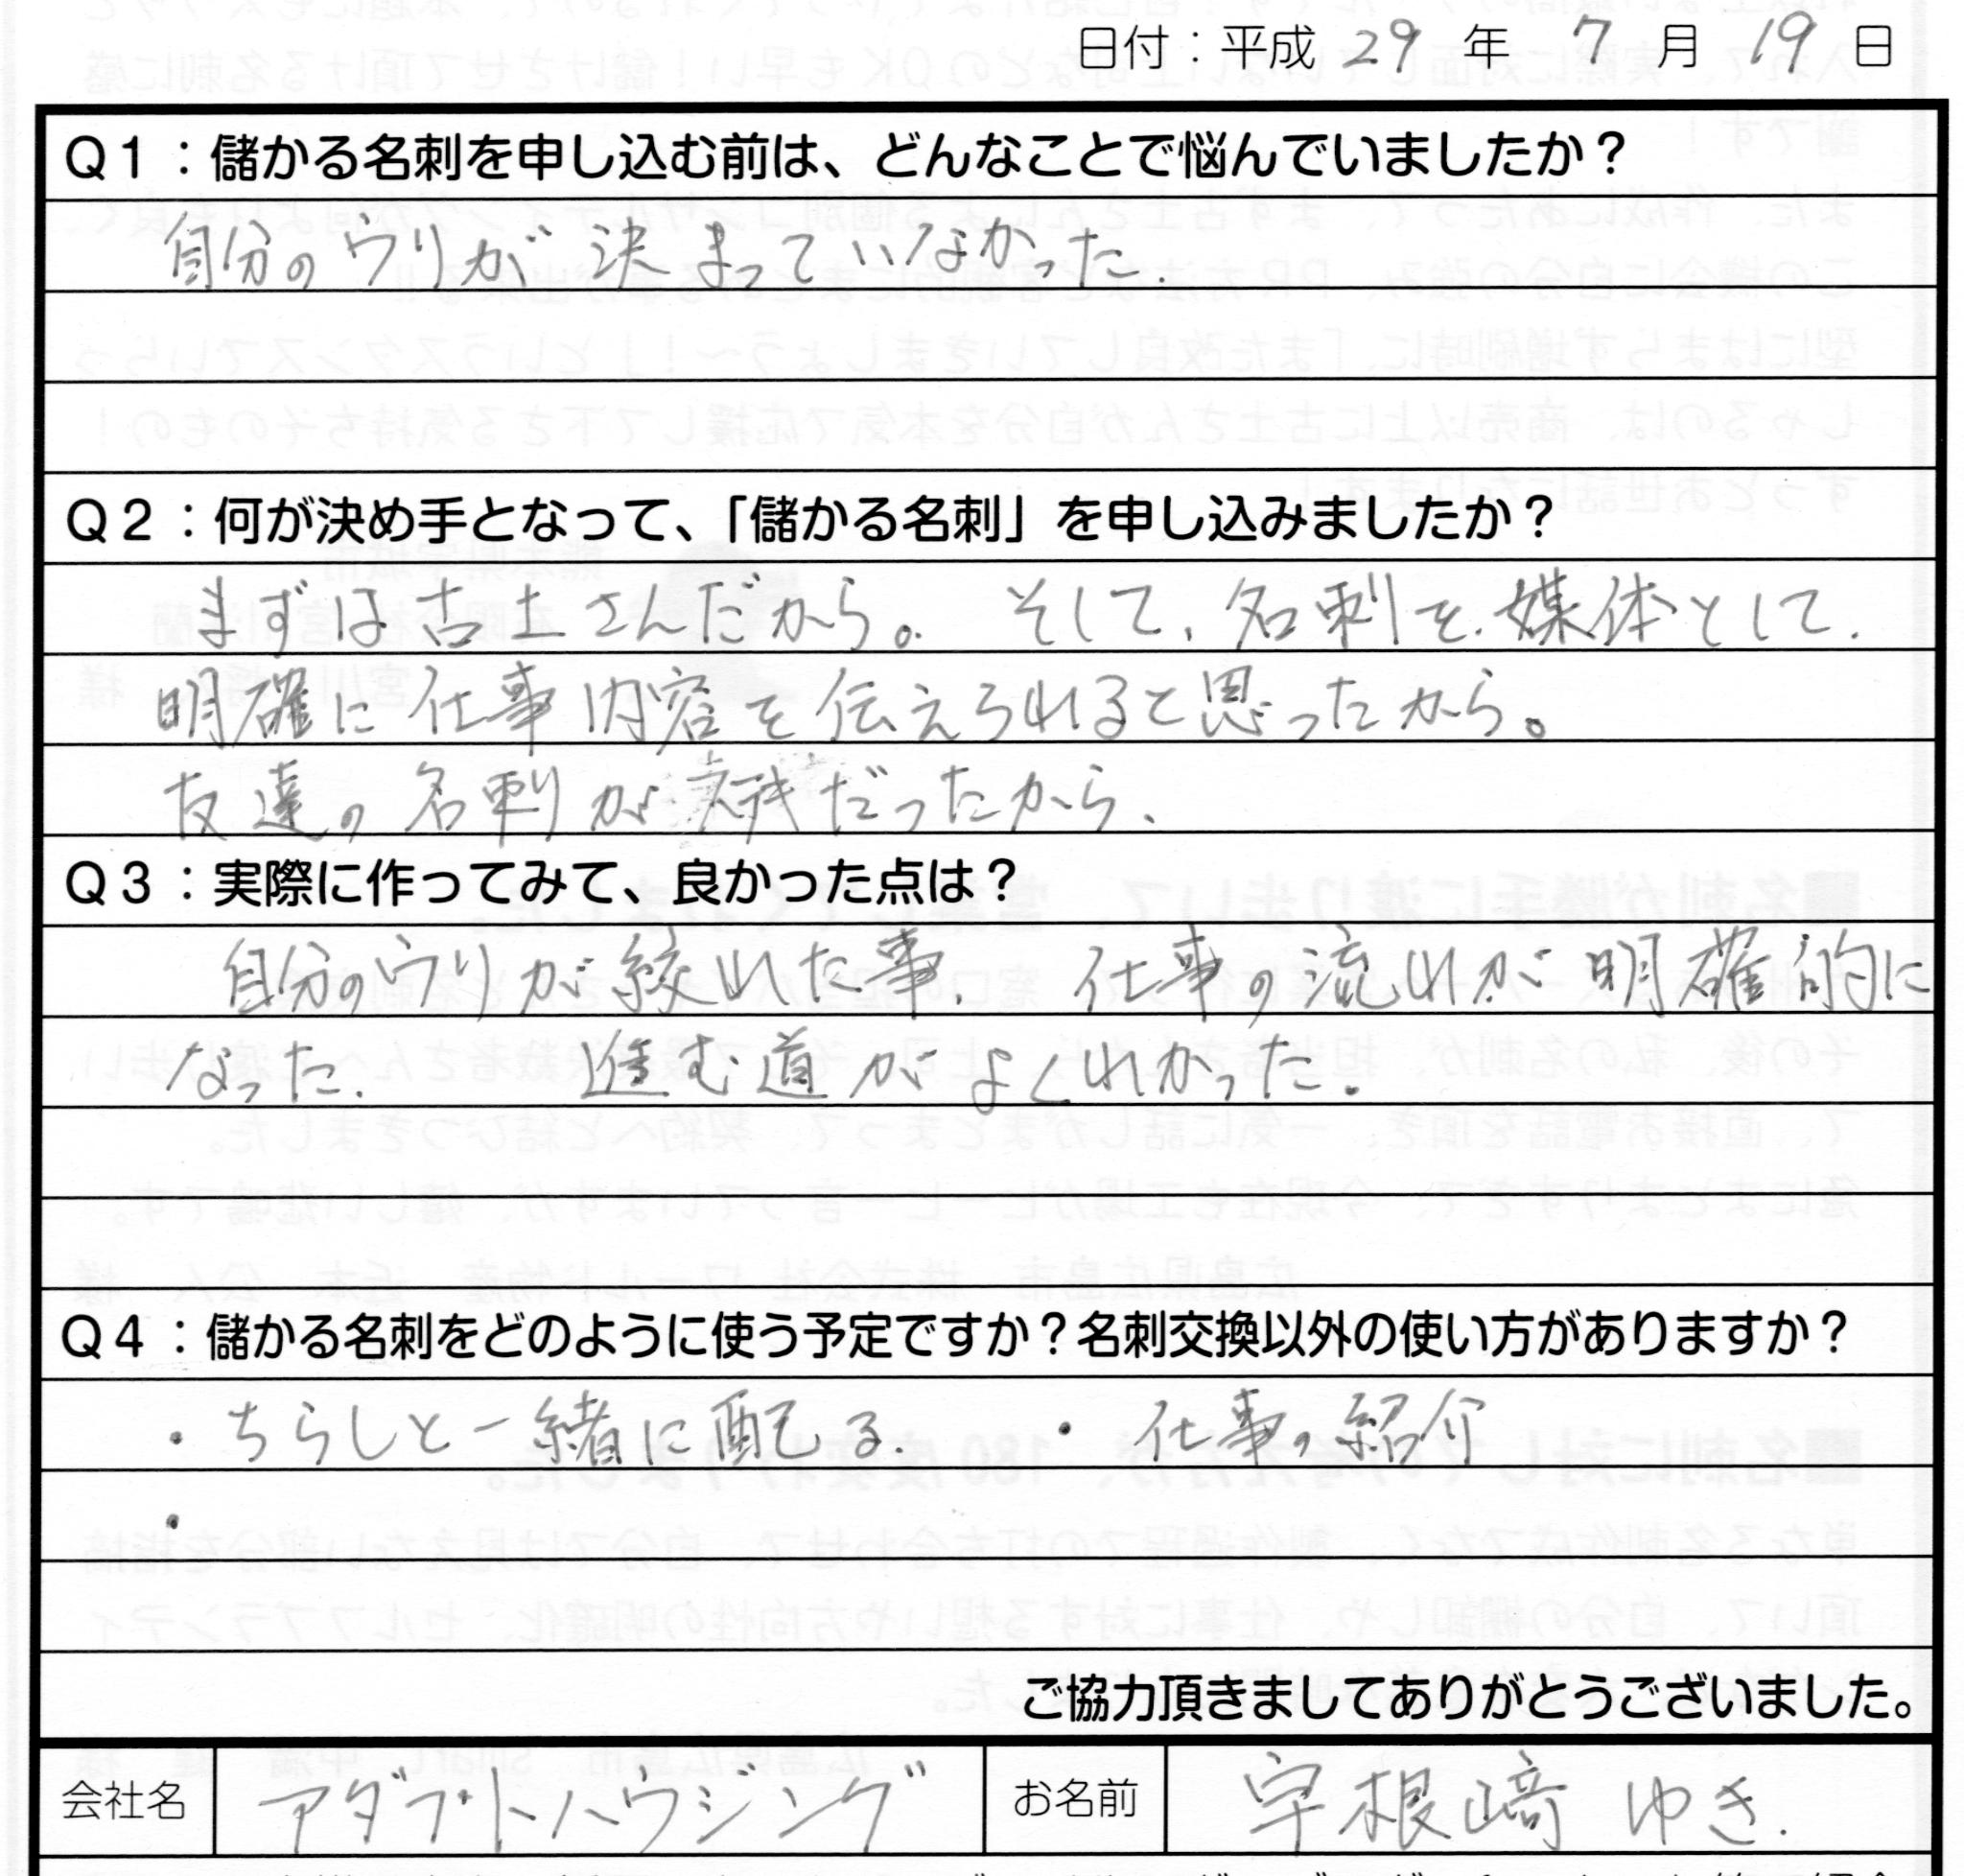 宇根崎-アンケ1707